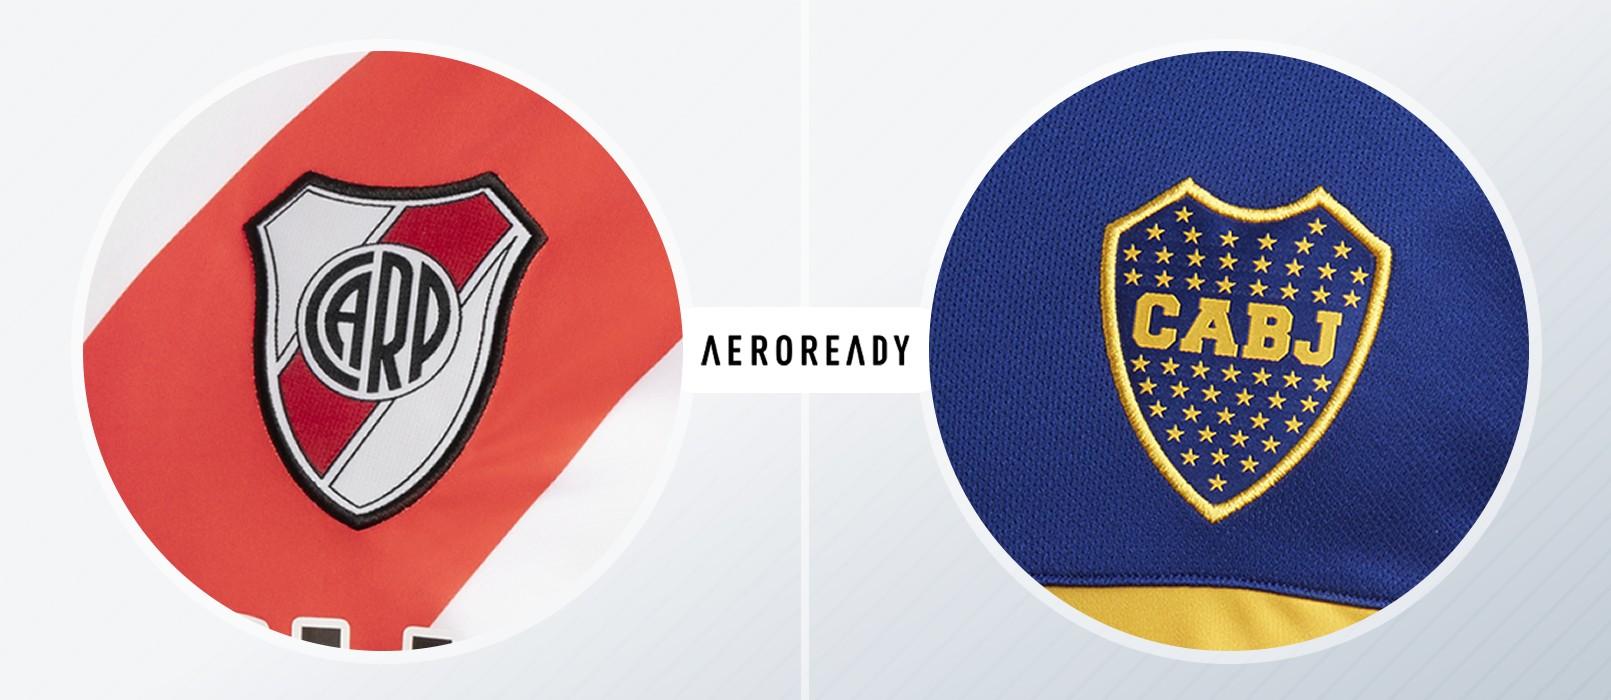 Tela y escudo versión AEROREADY | Imágenes adidas